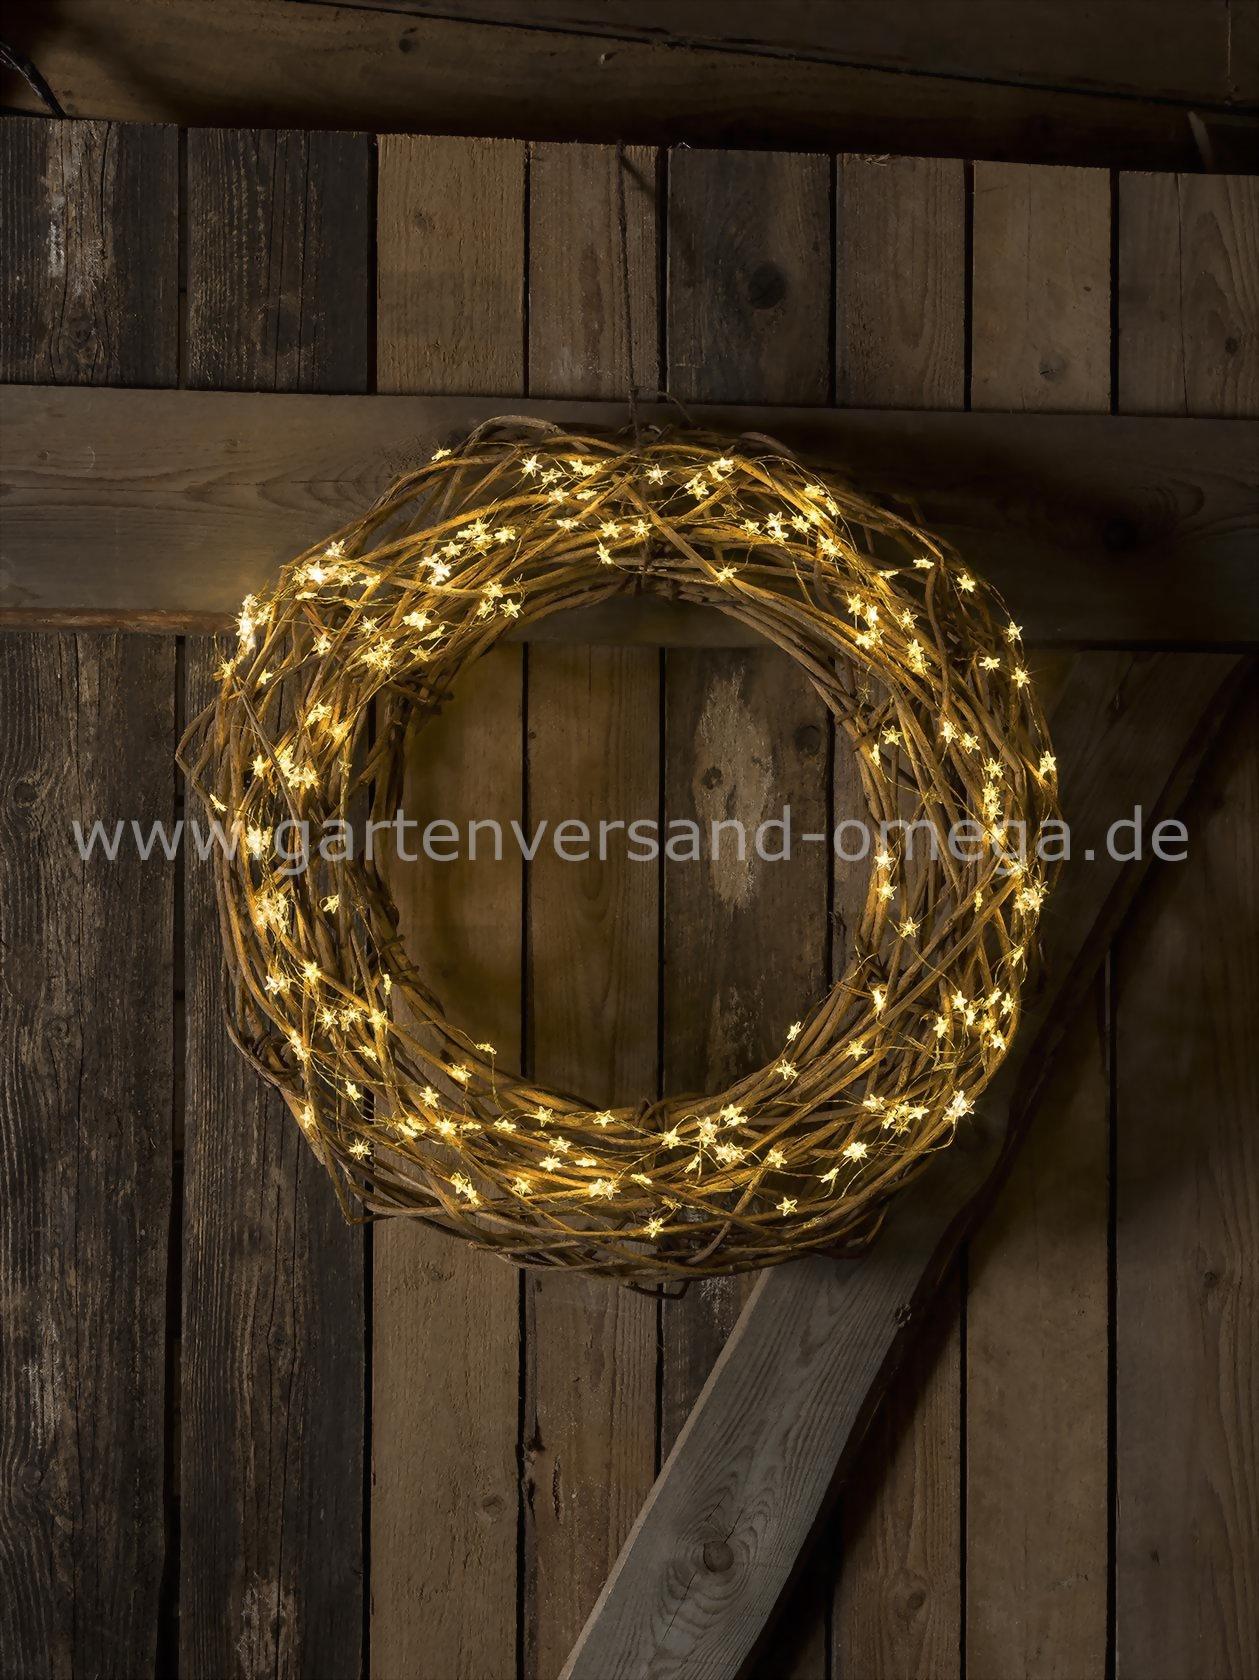 Atemberaubend Die Besten Ideen Von Weihnachtsbeleuchtung Schaltplan ...